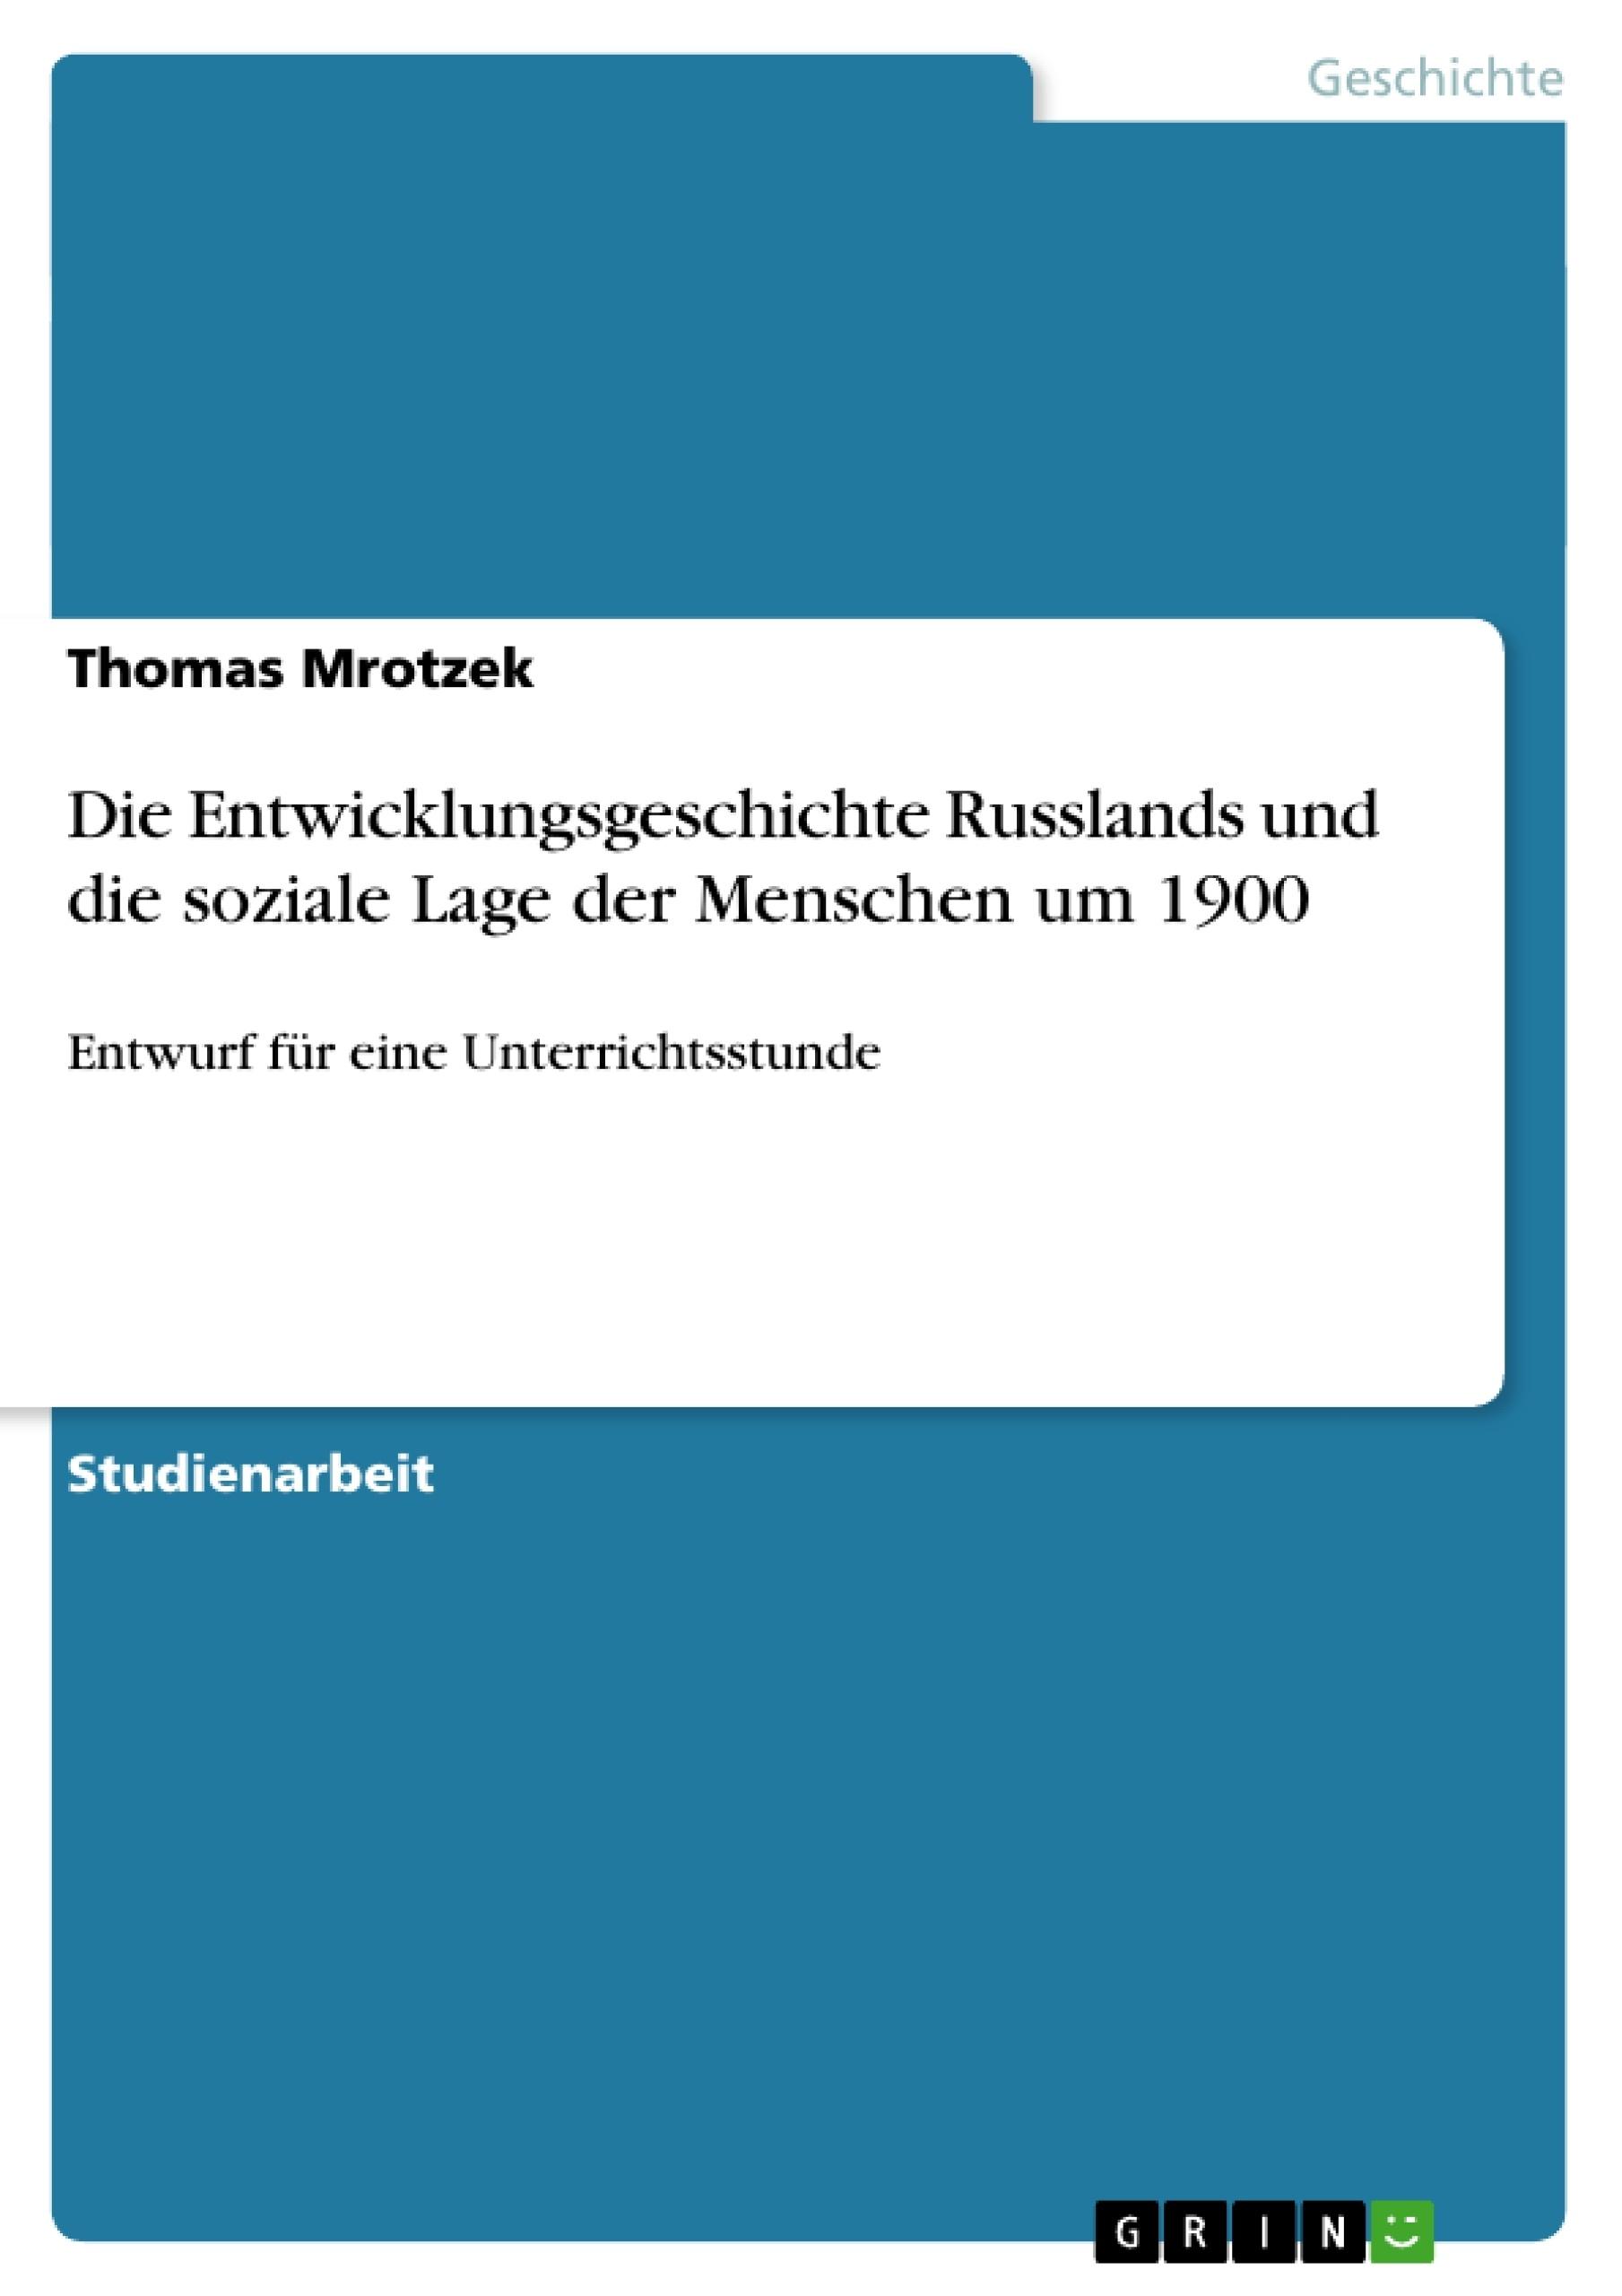 Titel: Die Entwicklungsgeschichte Russlands und die soziale Lage der Menschen um 1900